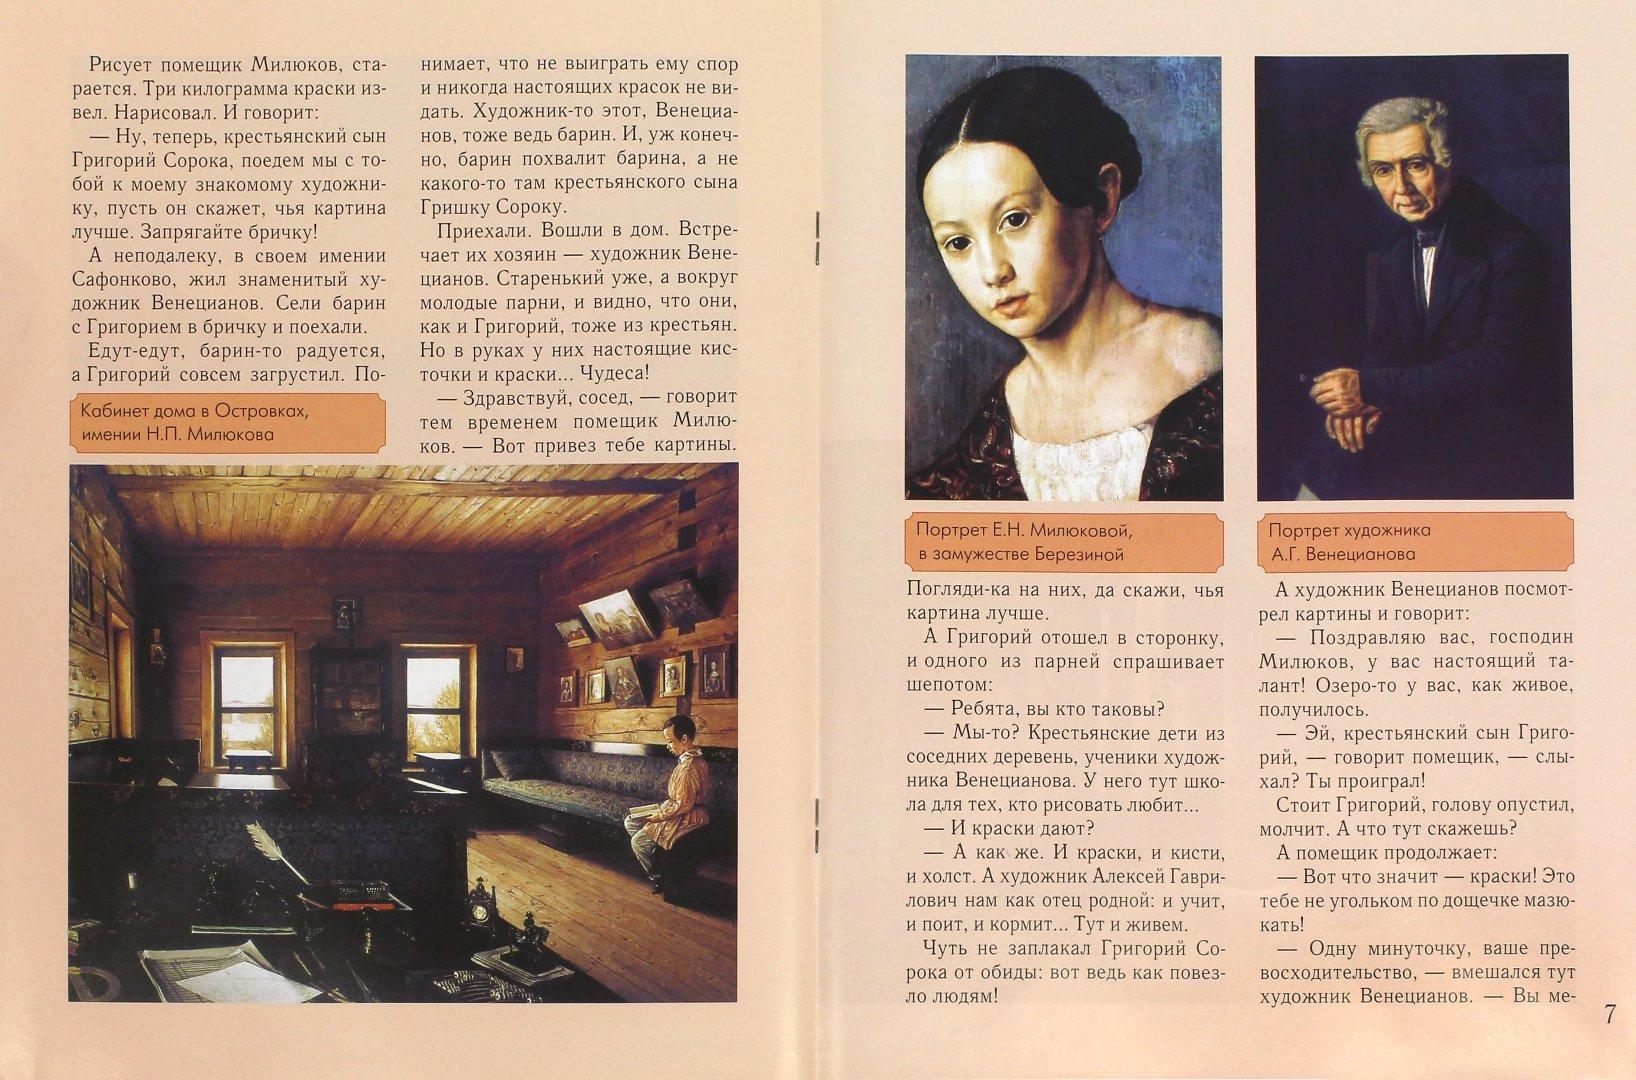 Иллюстрация 1 из 10 для Григорий Сорока - Наталия Соломко | Лабиринт - книги. Источник: Лабиринт